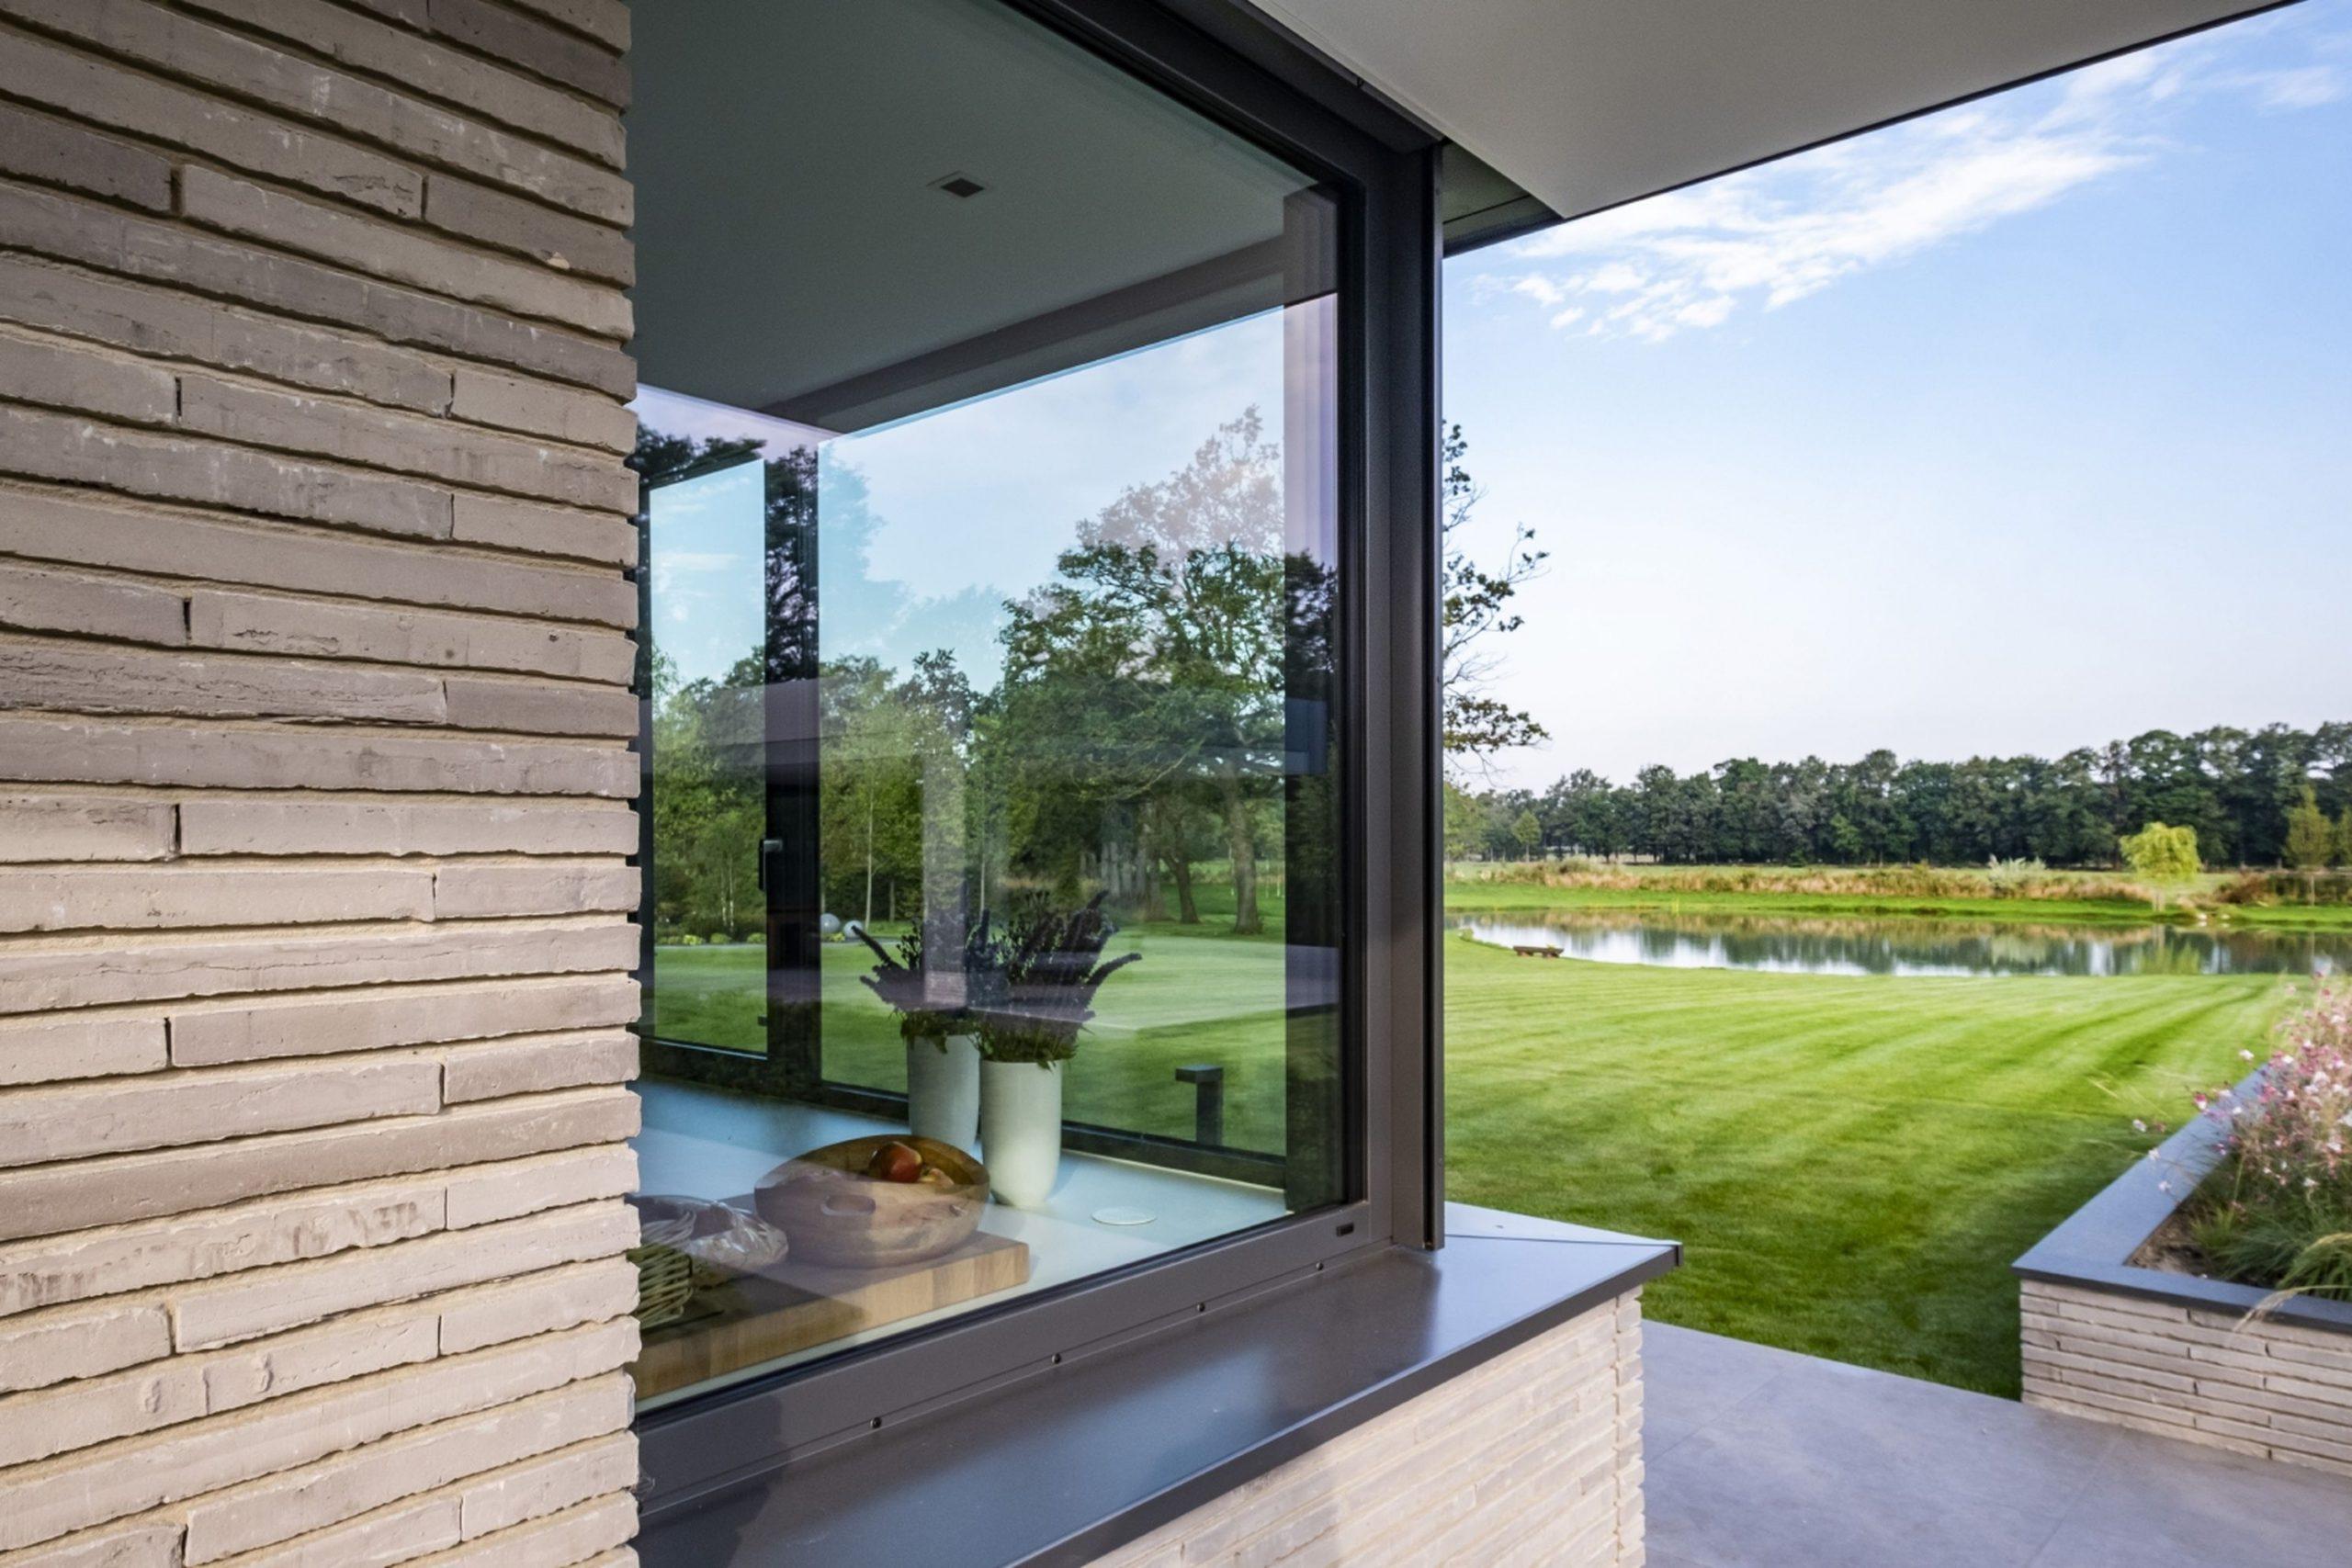 ac-kern-schiebesystem-türen-fenster-0005-scaled Fenster